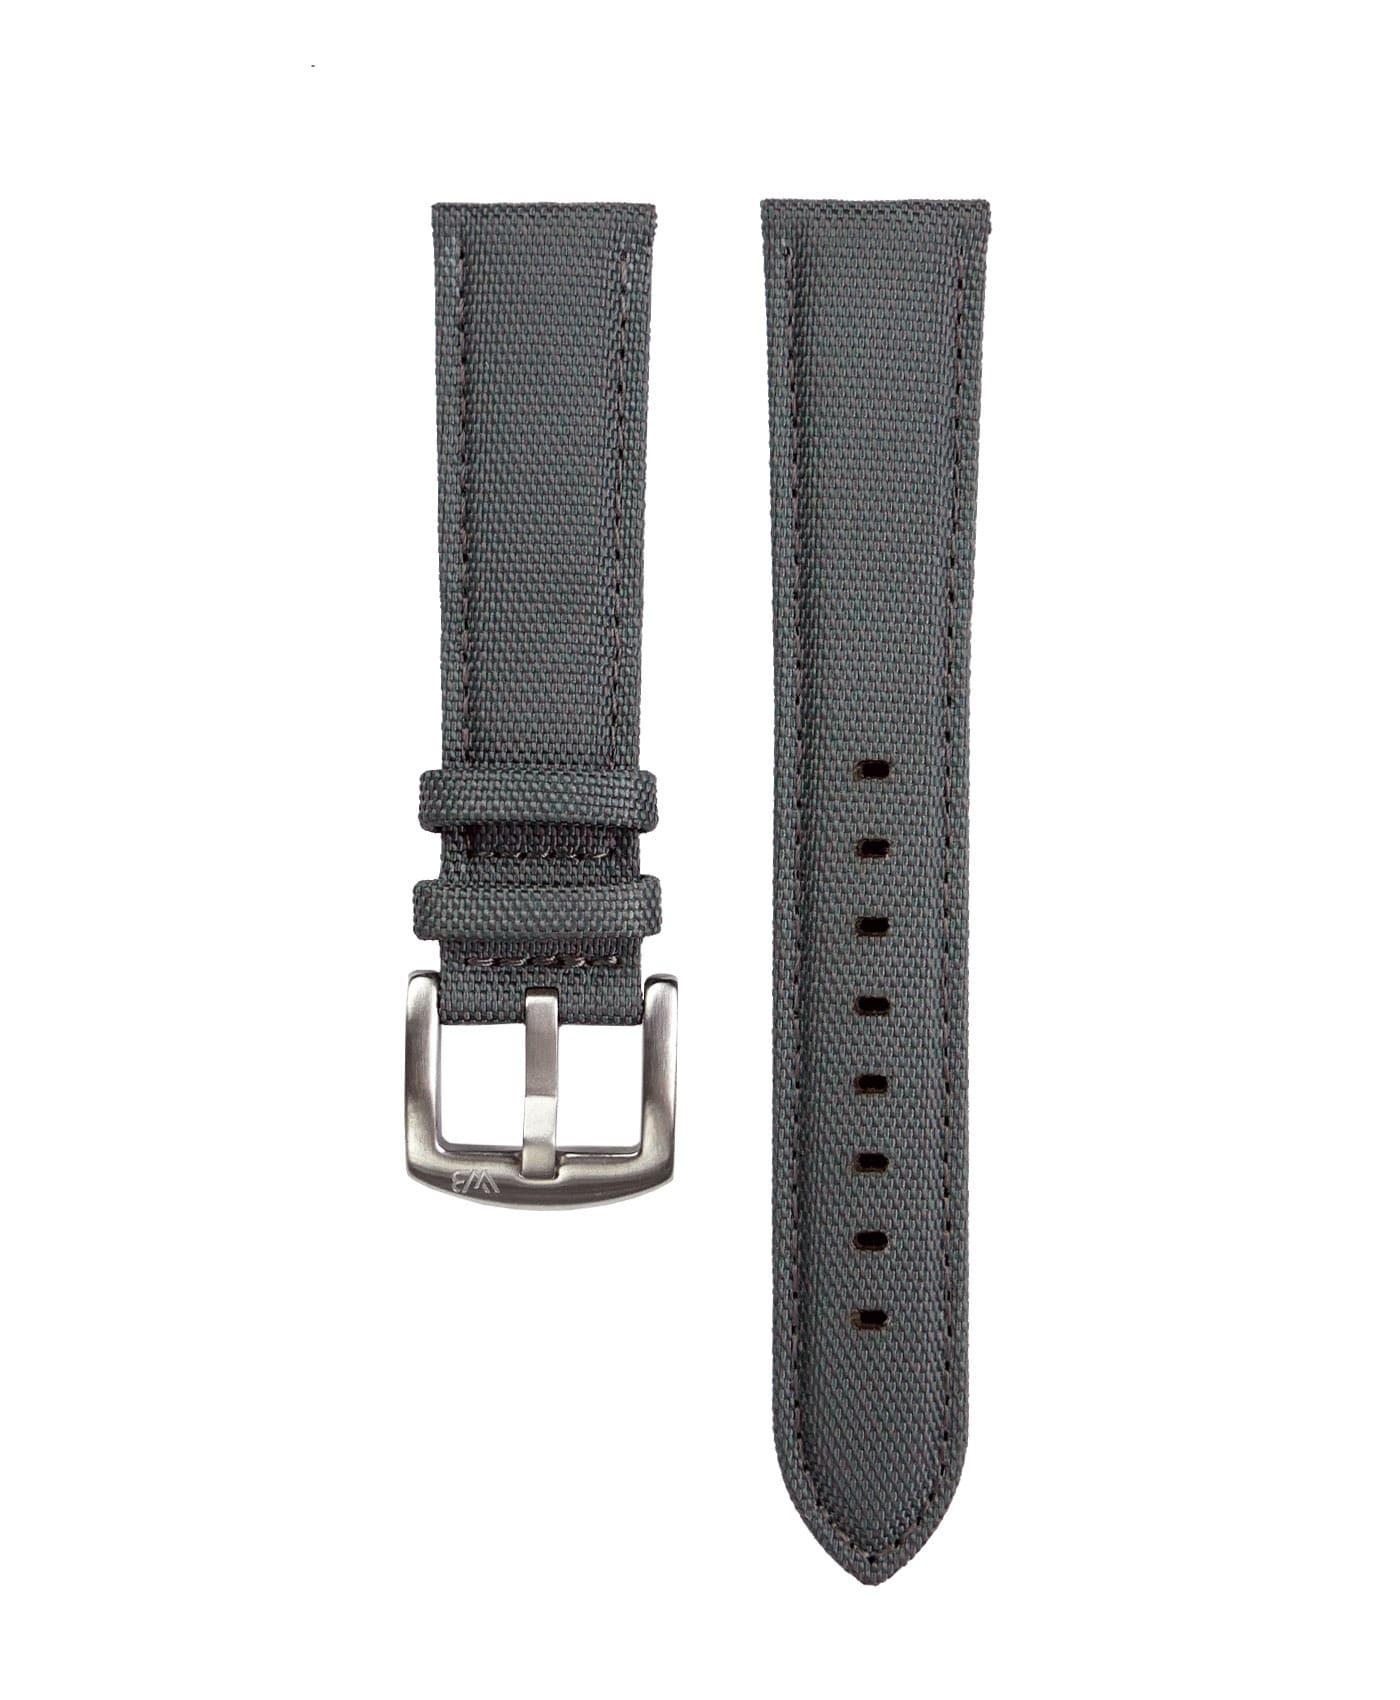 Cordura Watch Strap dark grey by Watchbandit